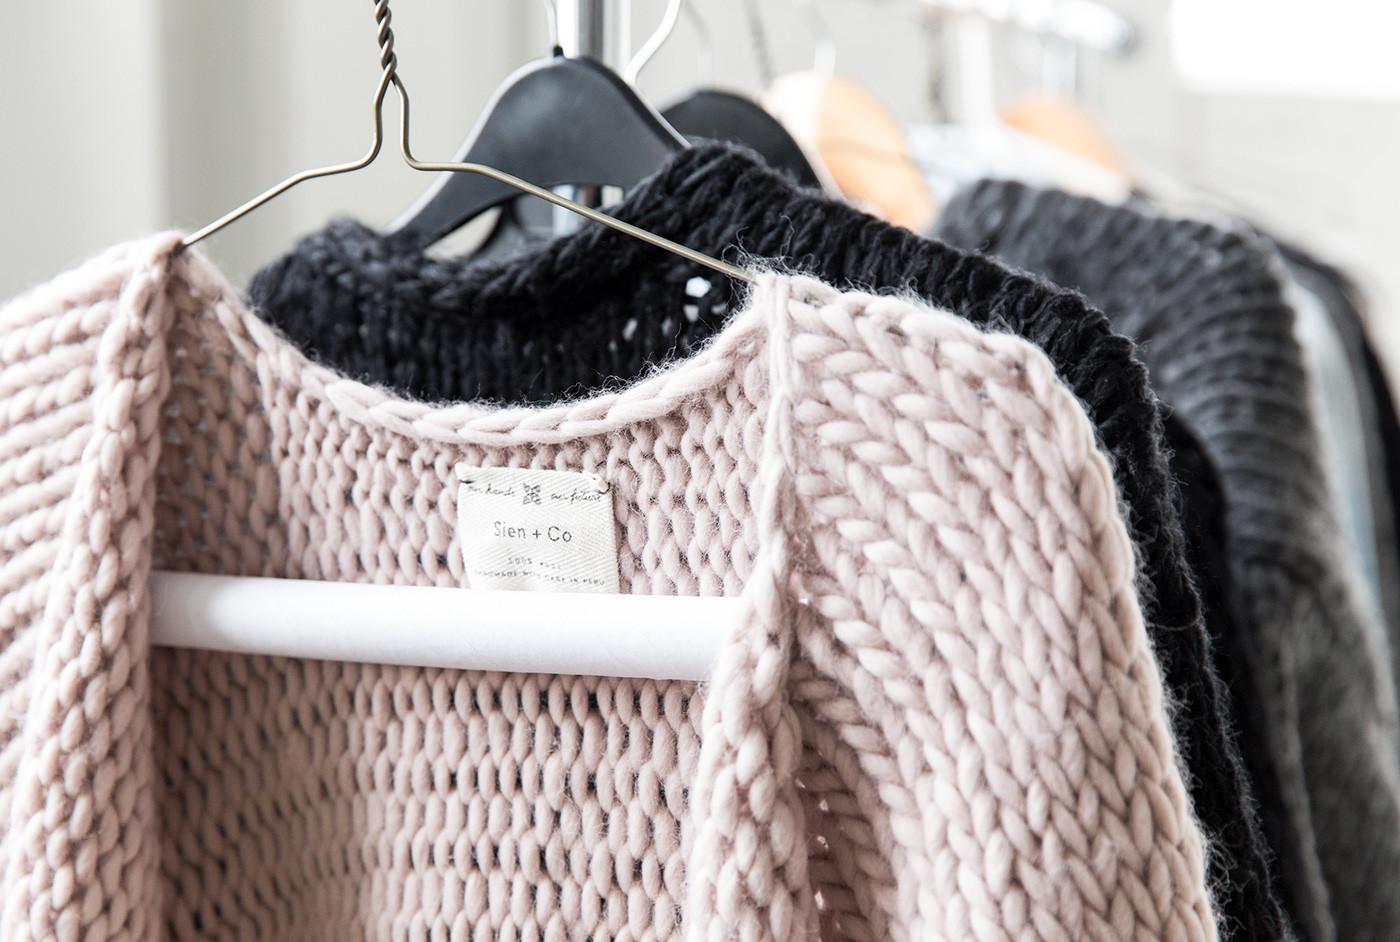 Sien+Co手工针织服饰品牌 欣赏-第13张